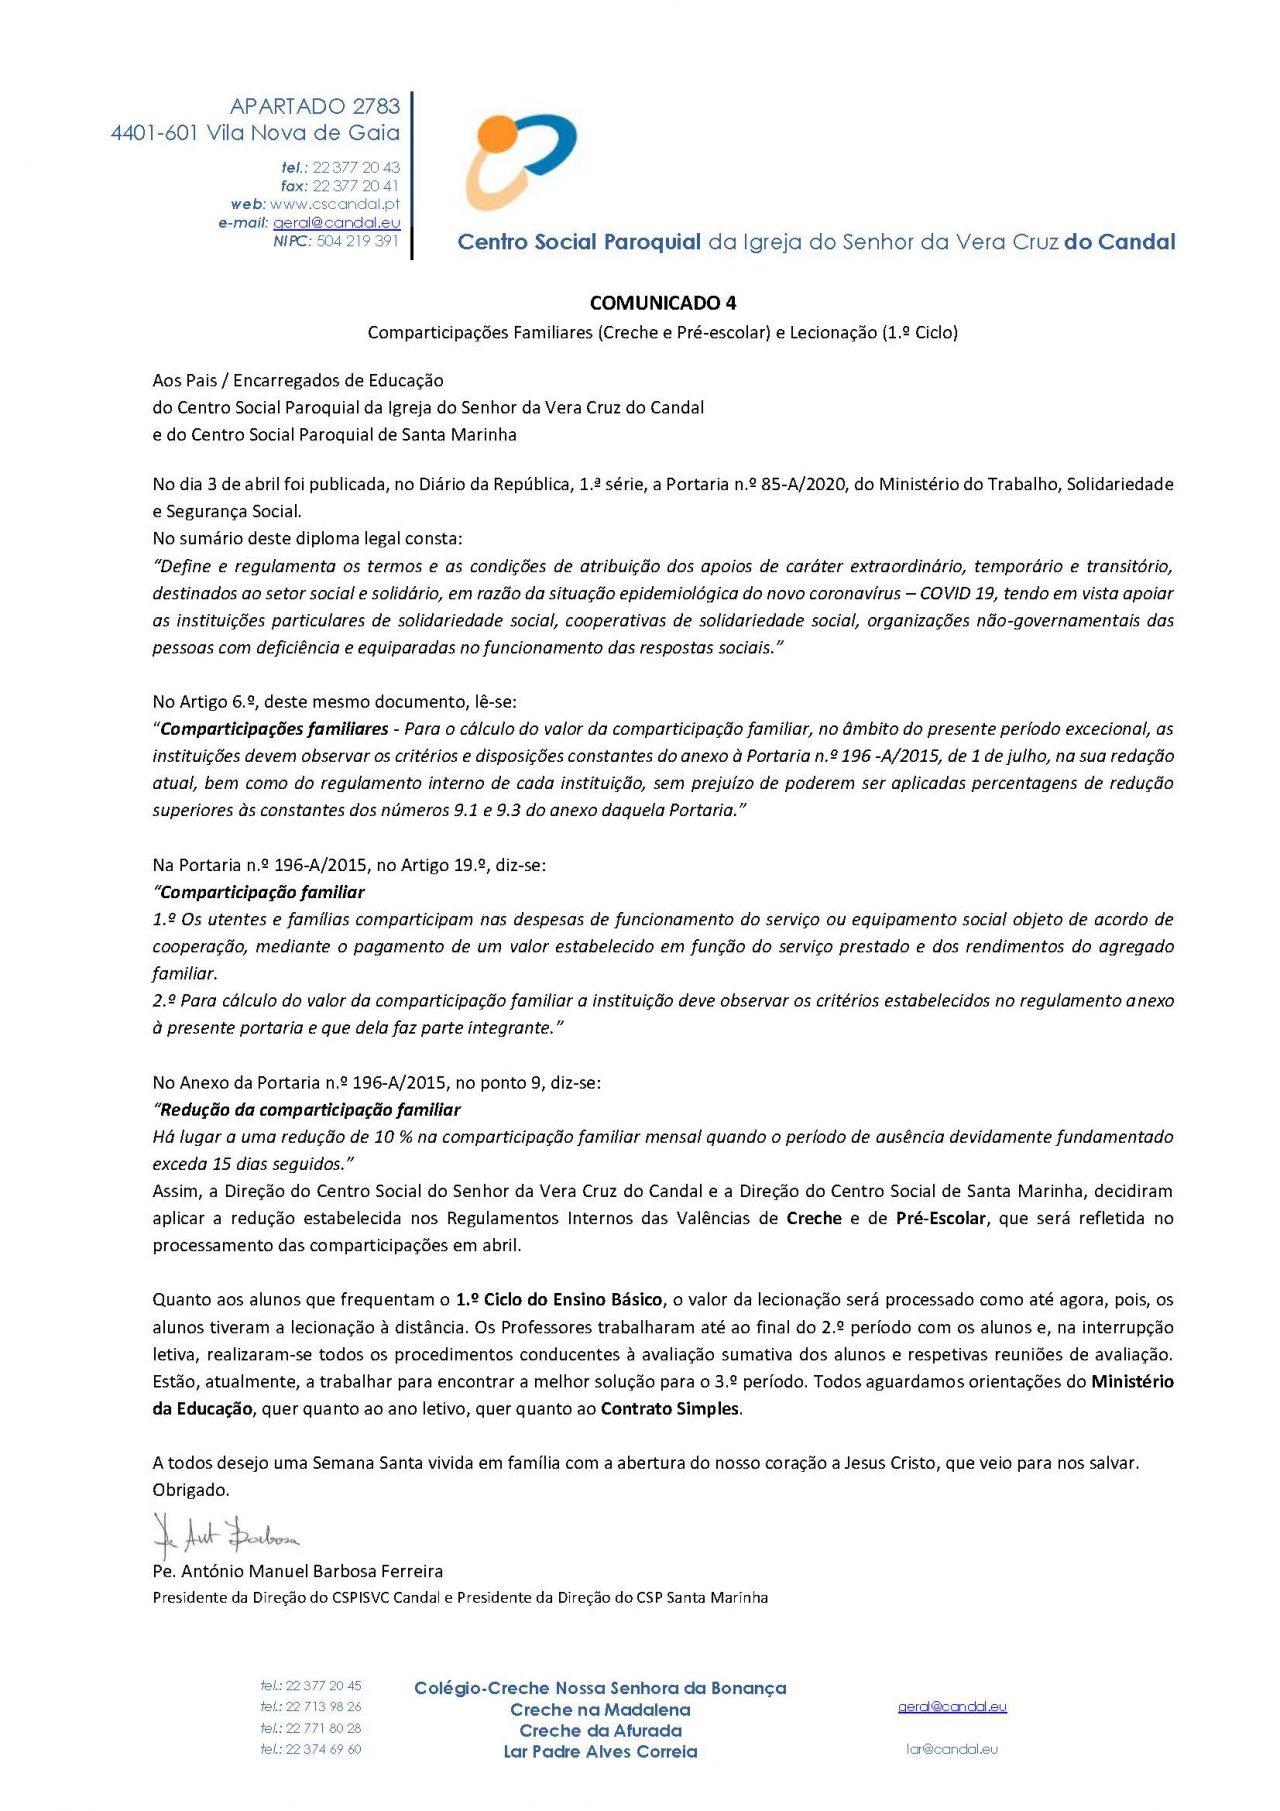 Comunicado-4-1280x1811.jpg